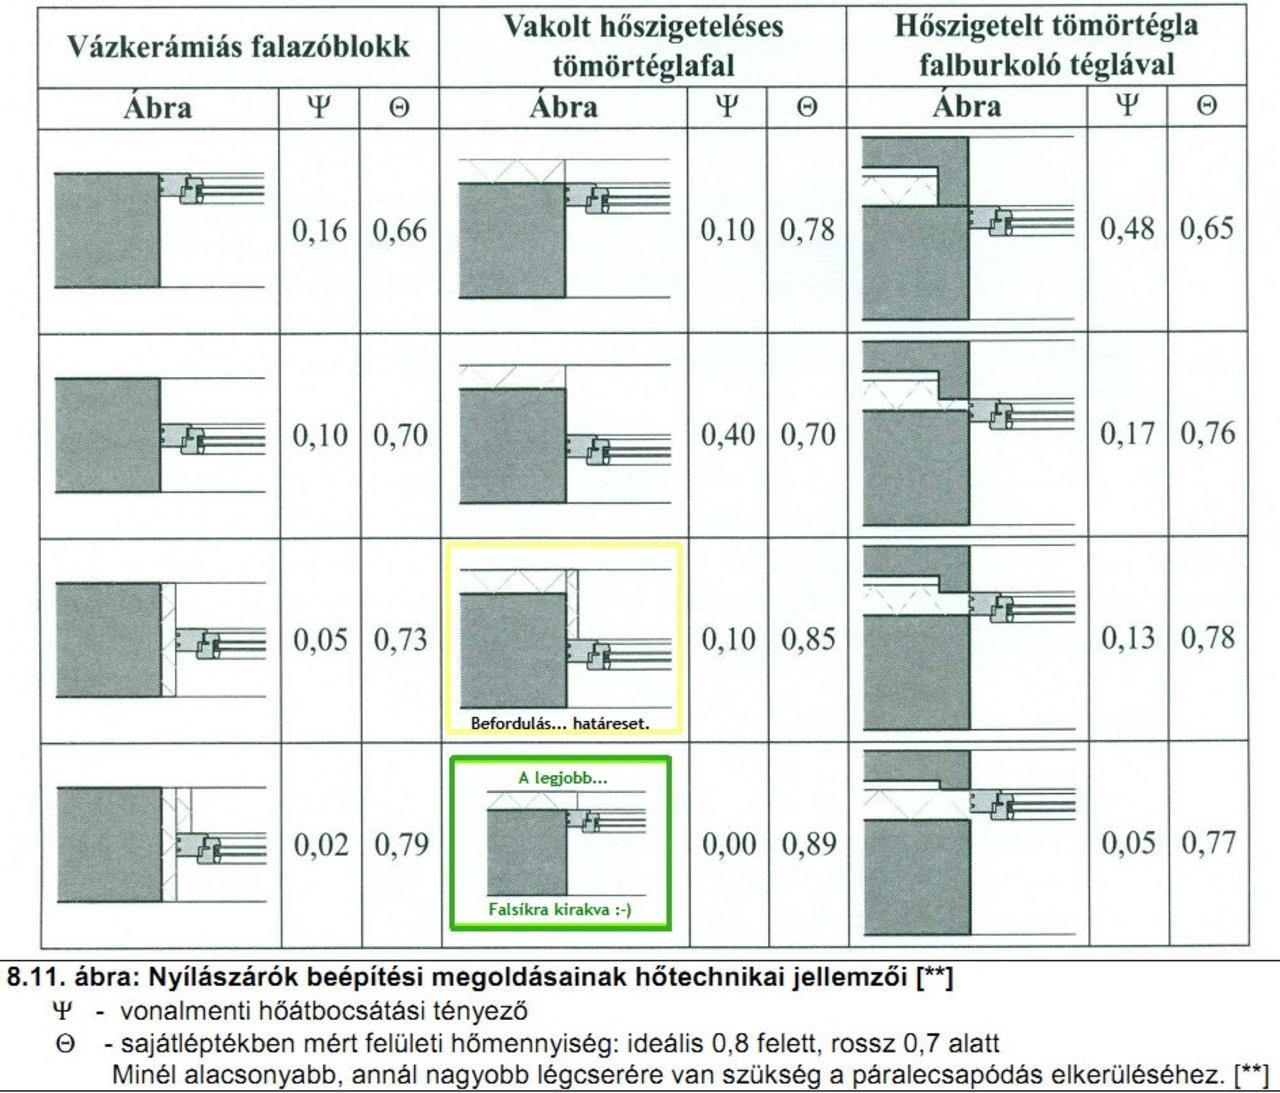 (HŐ)Szigetelések - Index Fórum 203bc1e386